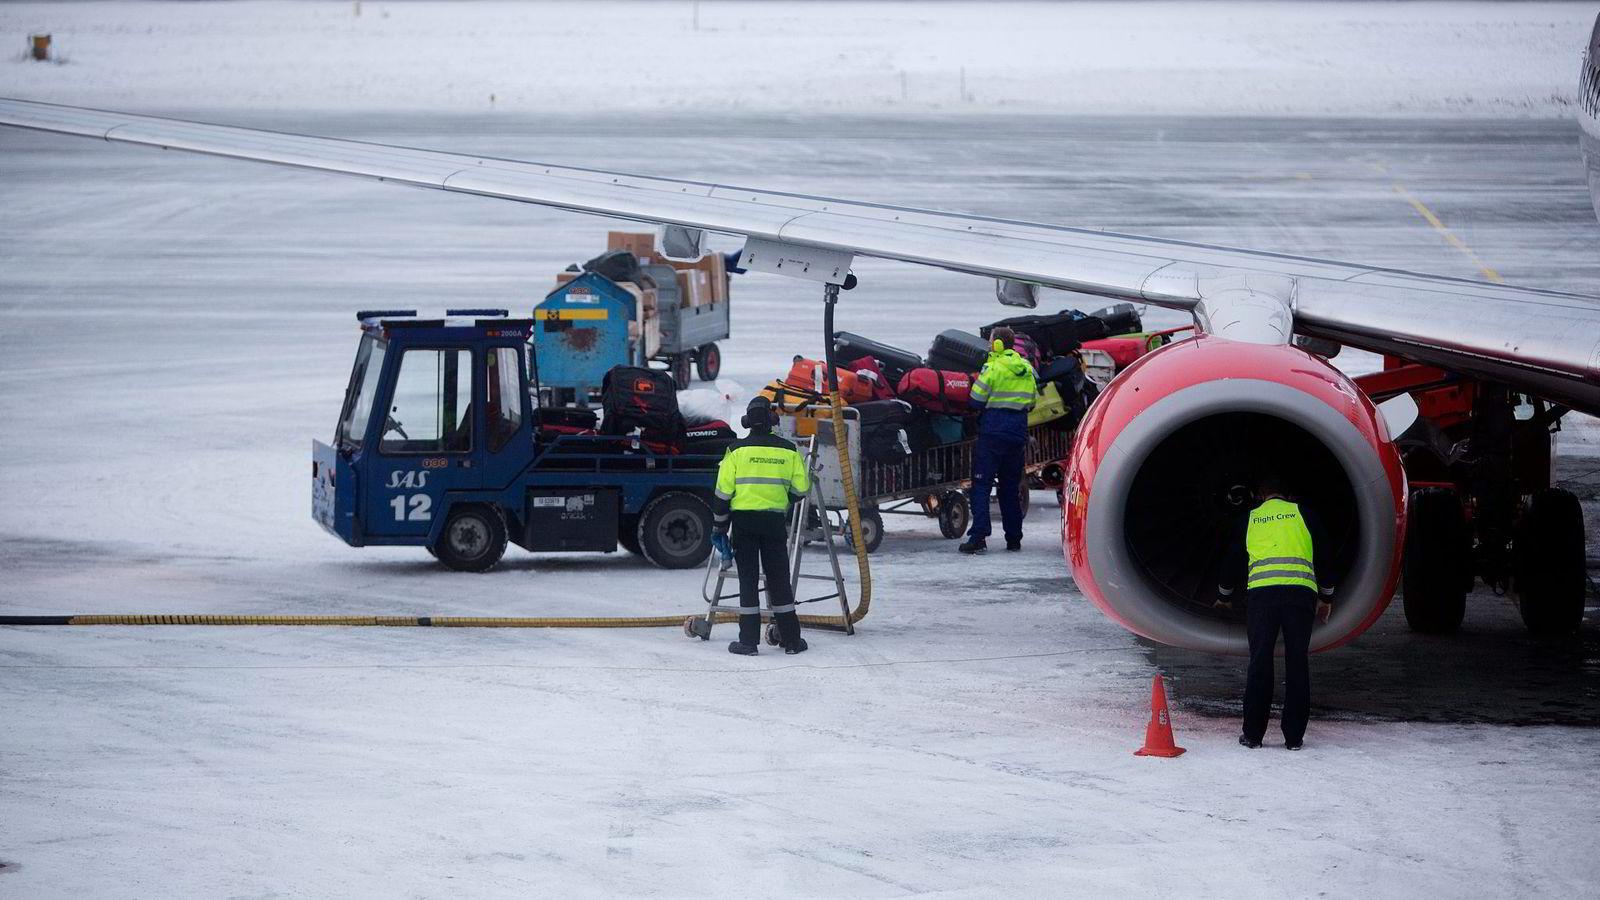 Den nye flyseteavgiften til regjeringen møter hard motbør fra flere hold, blant annet med påstander om at både SAS og Widerøe vil få ulovlig statsstøtte. Foto: